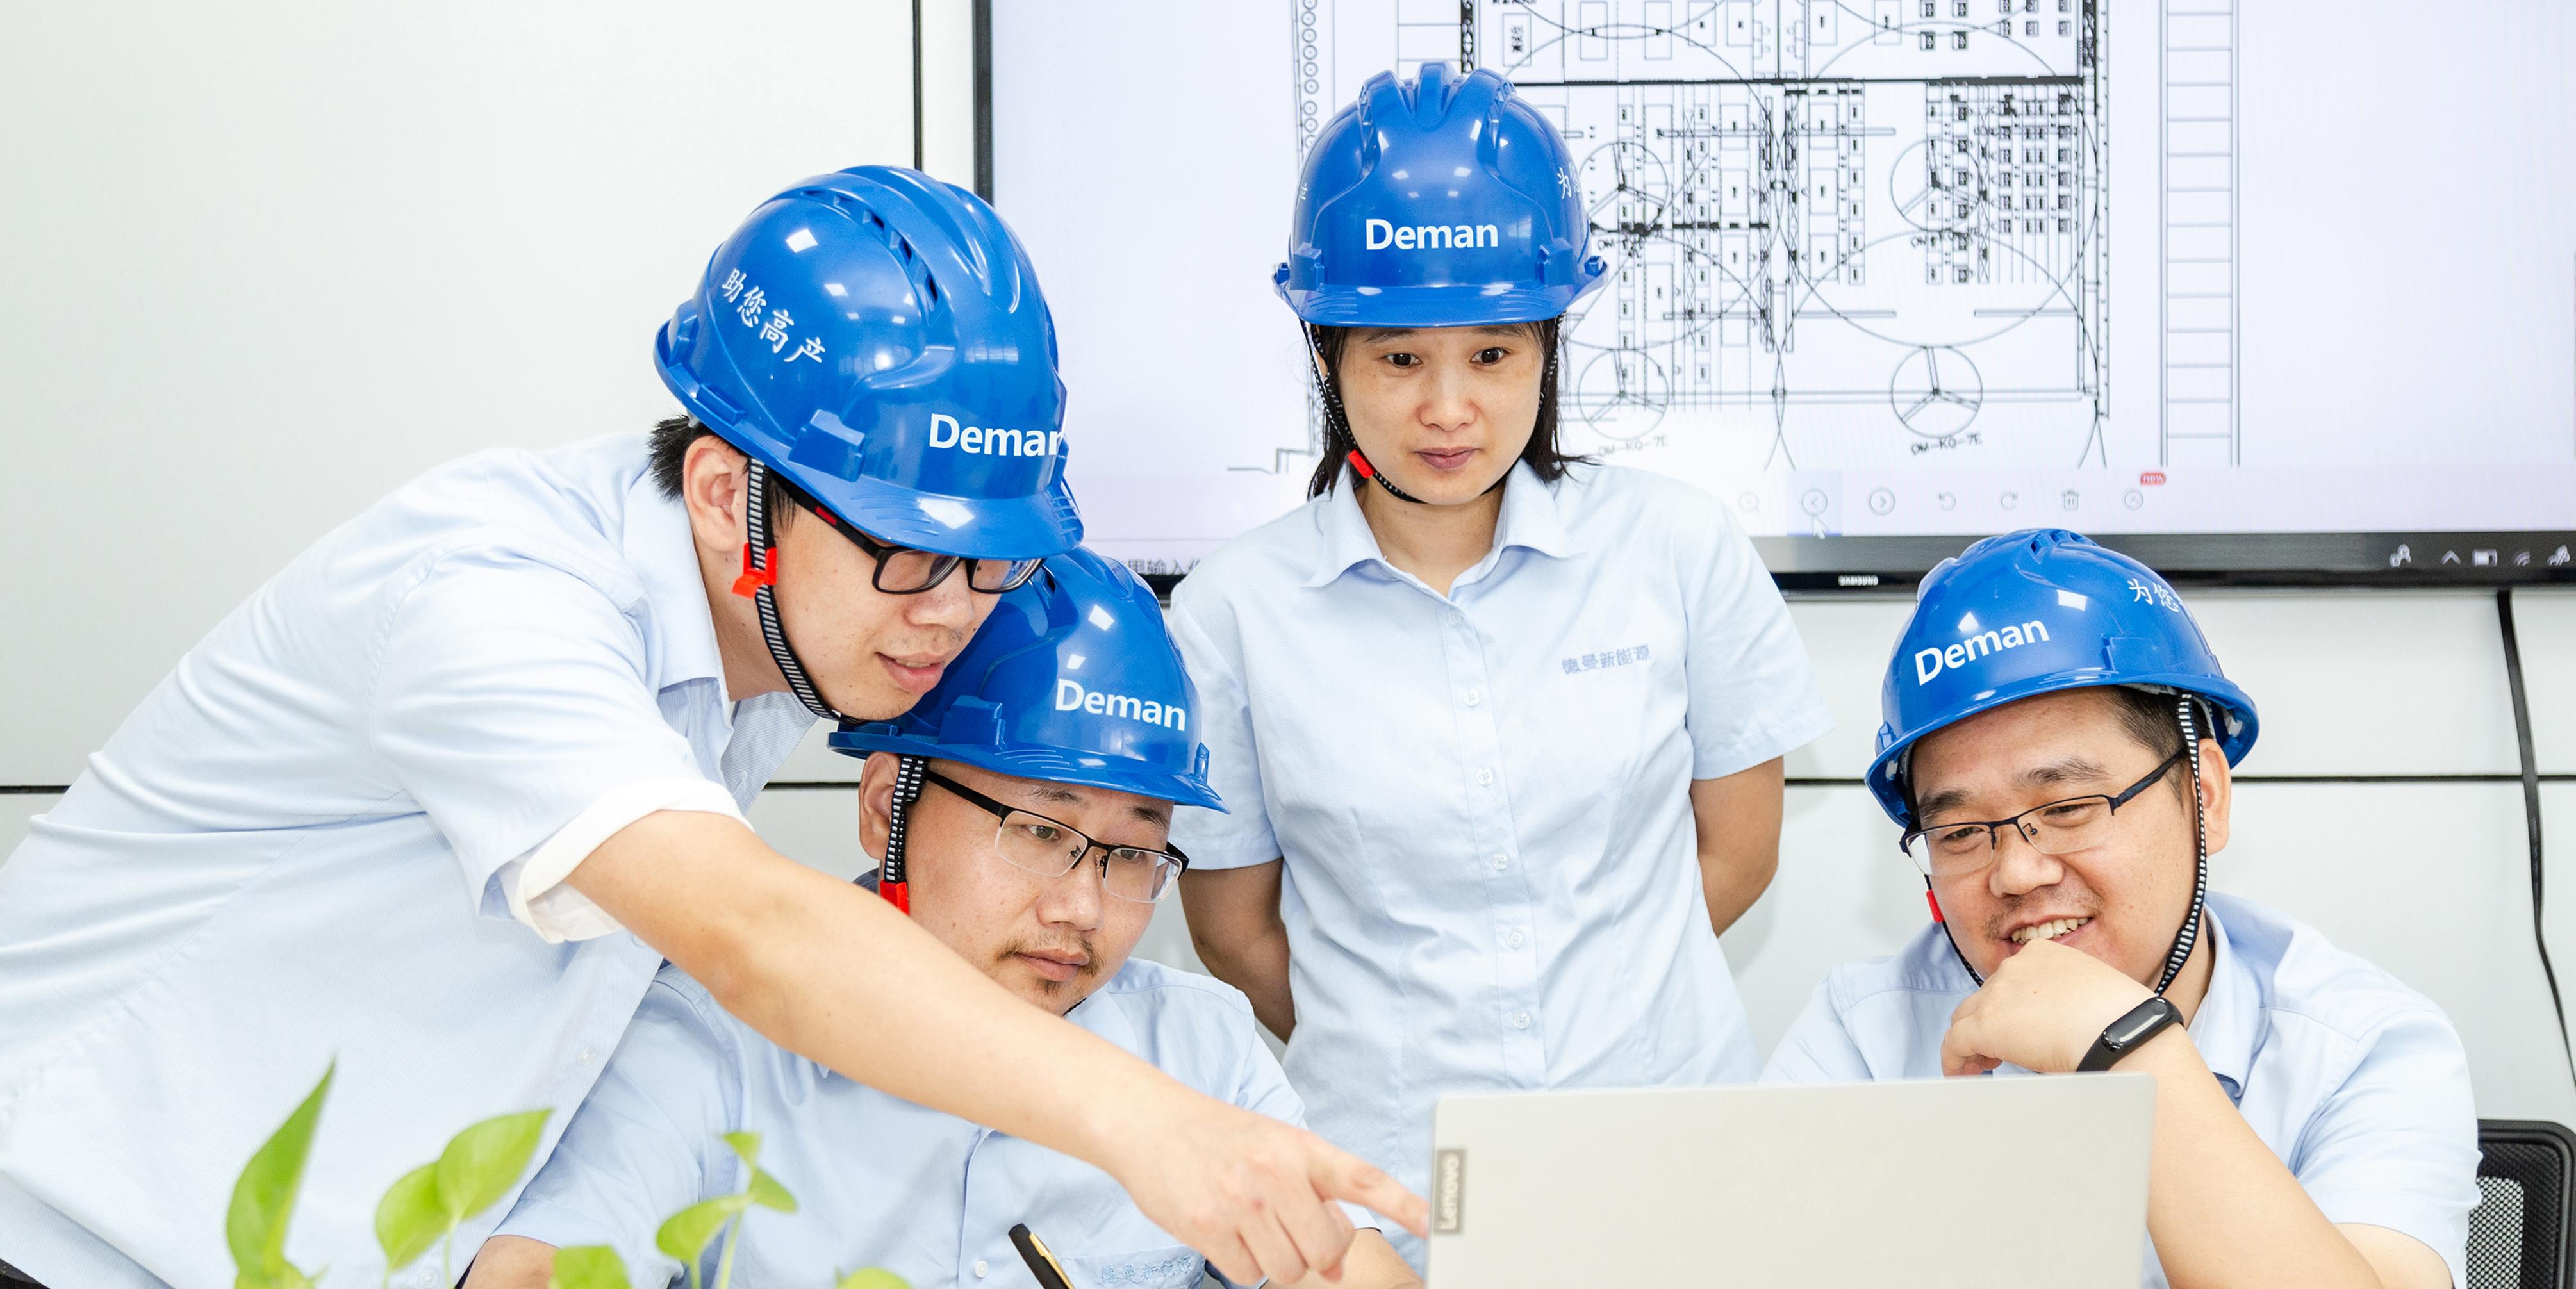 德曼节能-国家火炬计划产业化示范项目